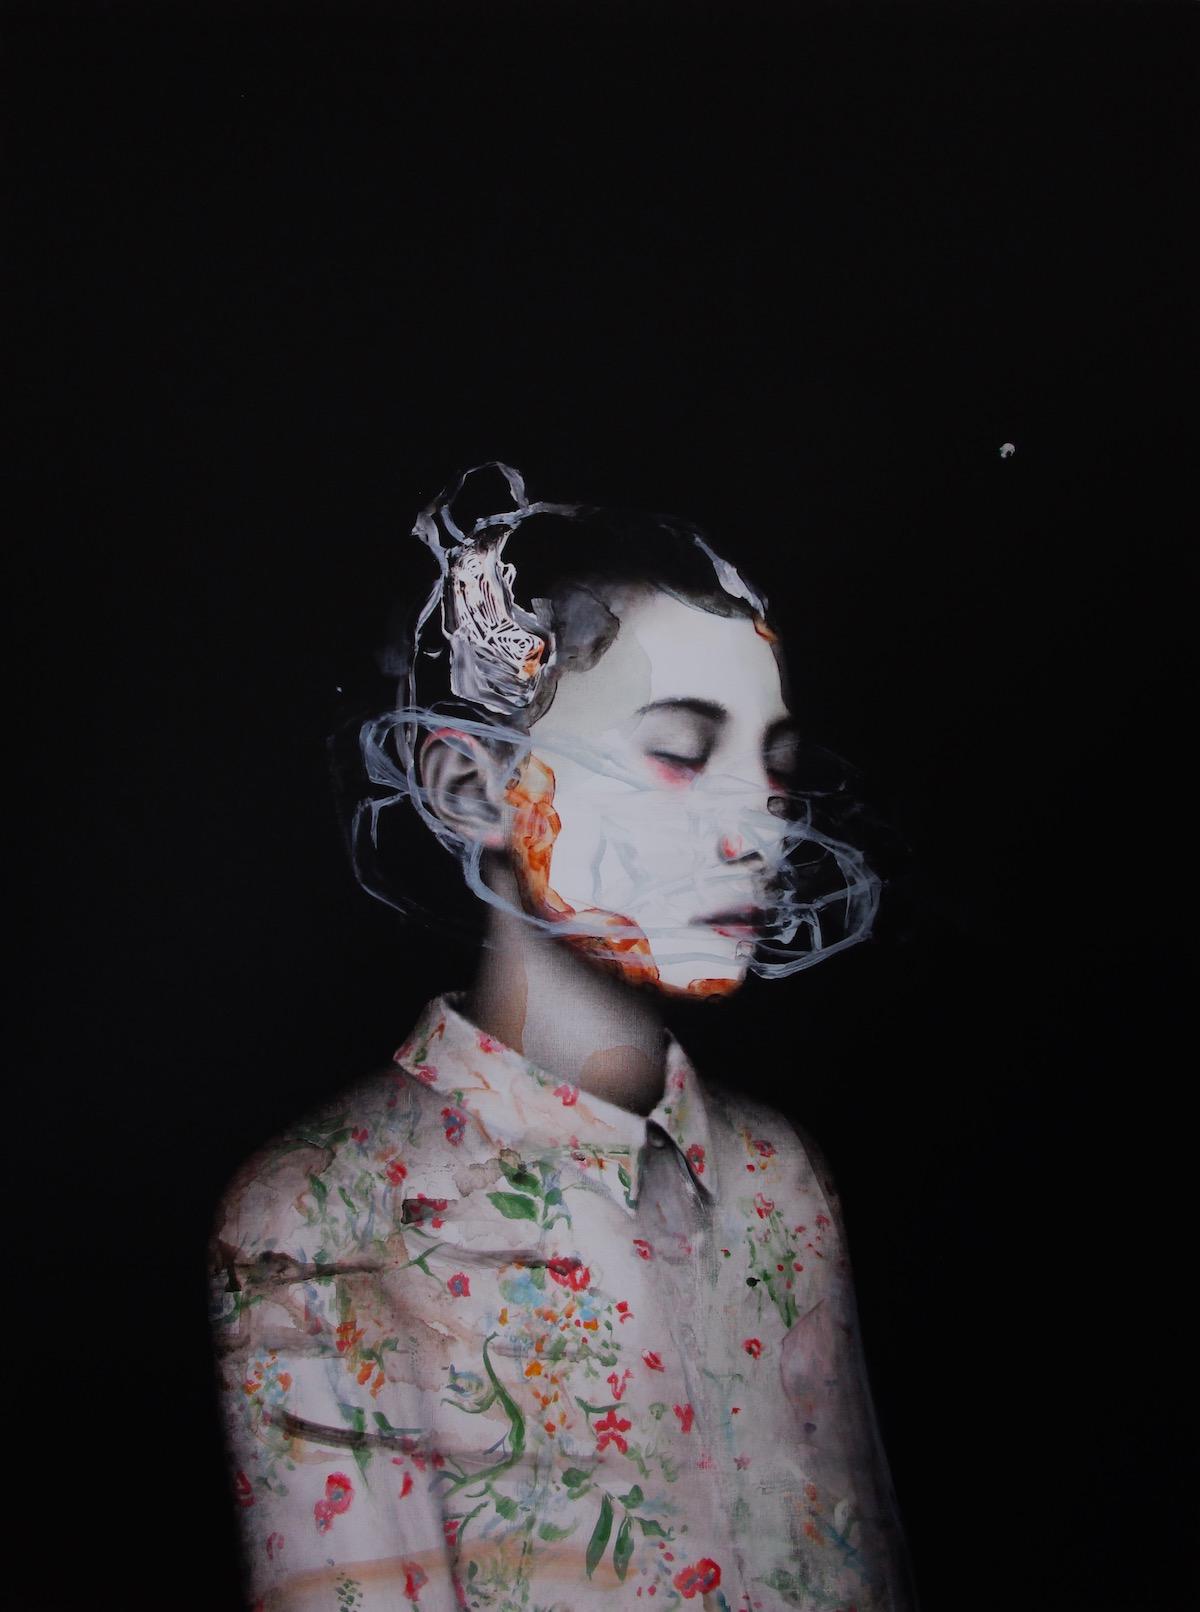 antoine cordet canvas toile peinture painting portrait art artist artiste peintre acrylic oil mercurial hand